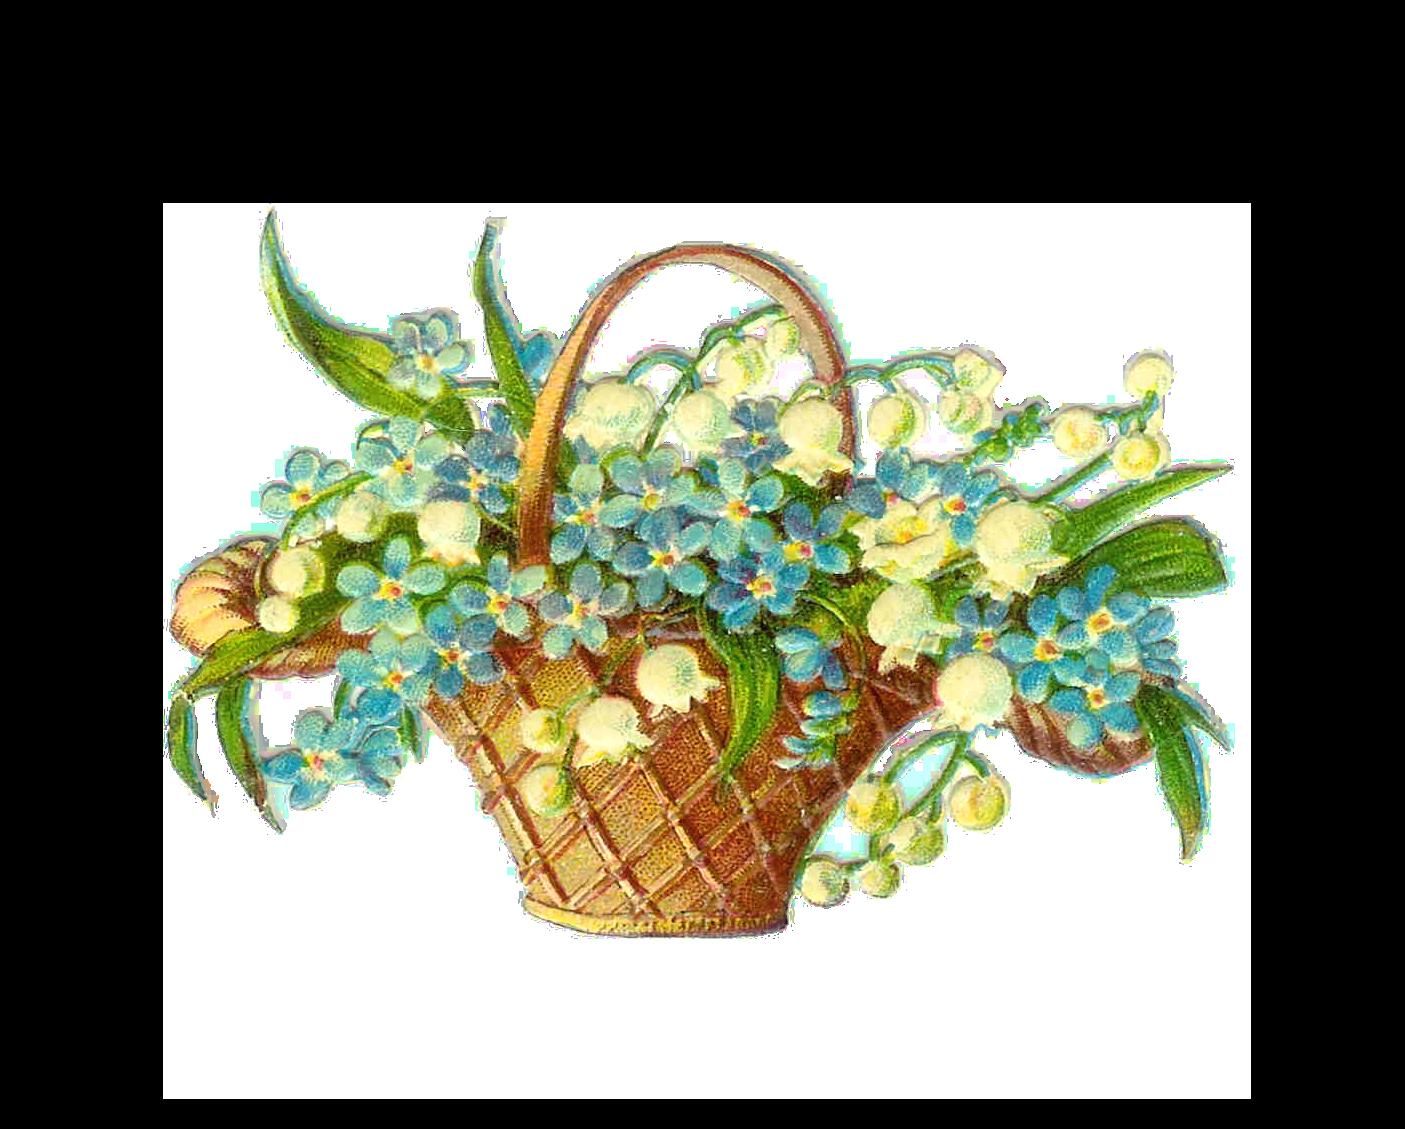 Easter flower clipart free svg freeuse download Easter Flower PNG Transparent Images | Free Download Clip Art ... svg freeuse download